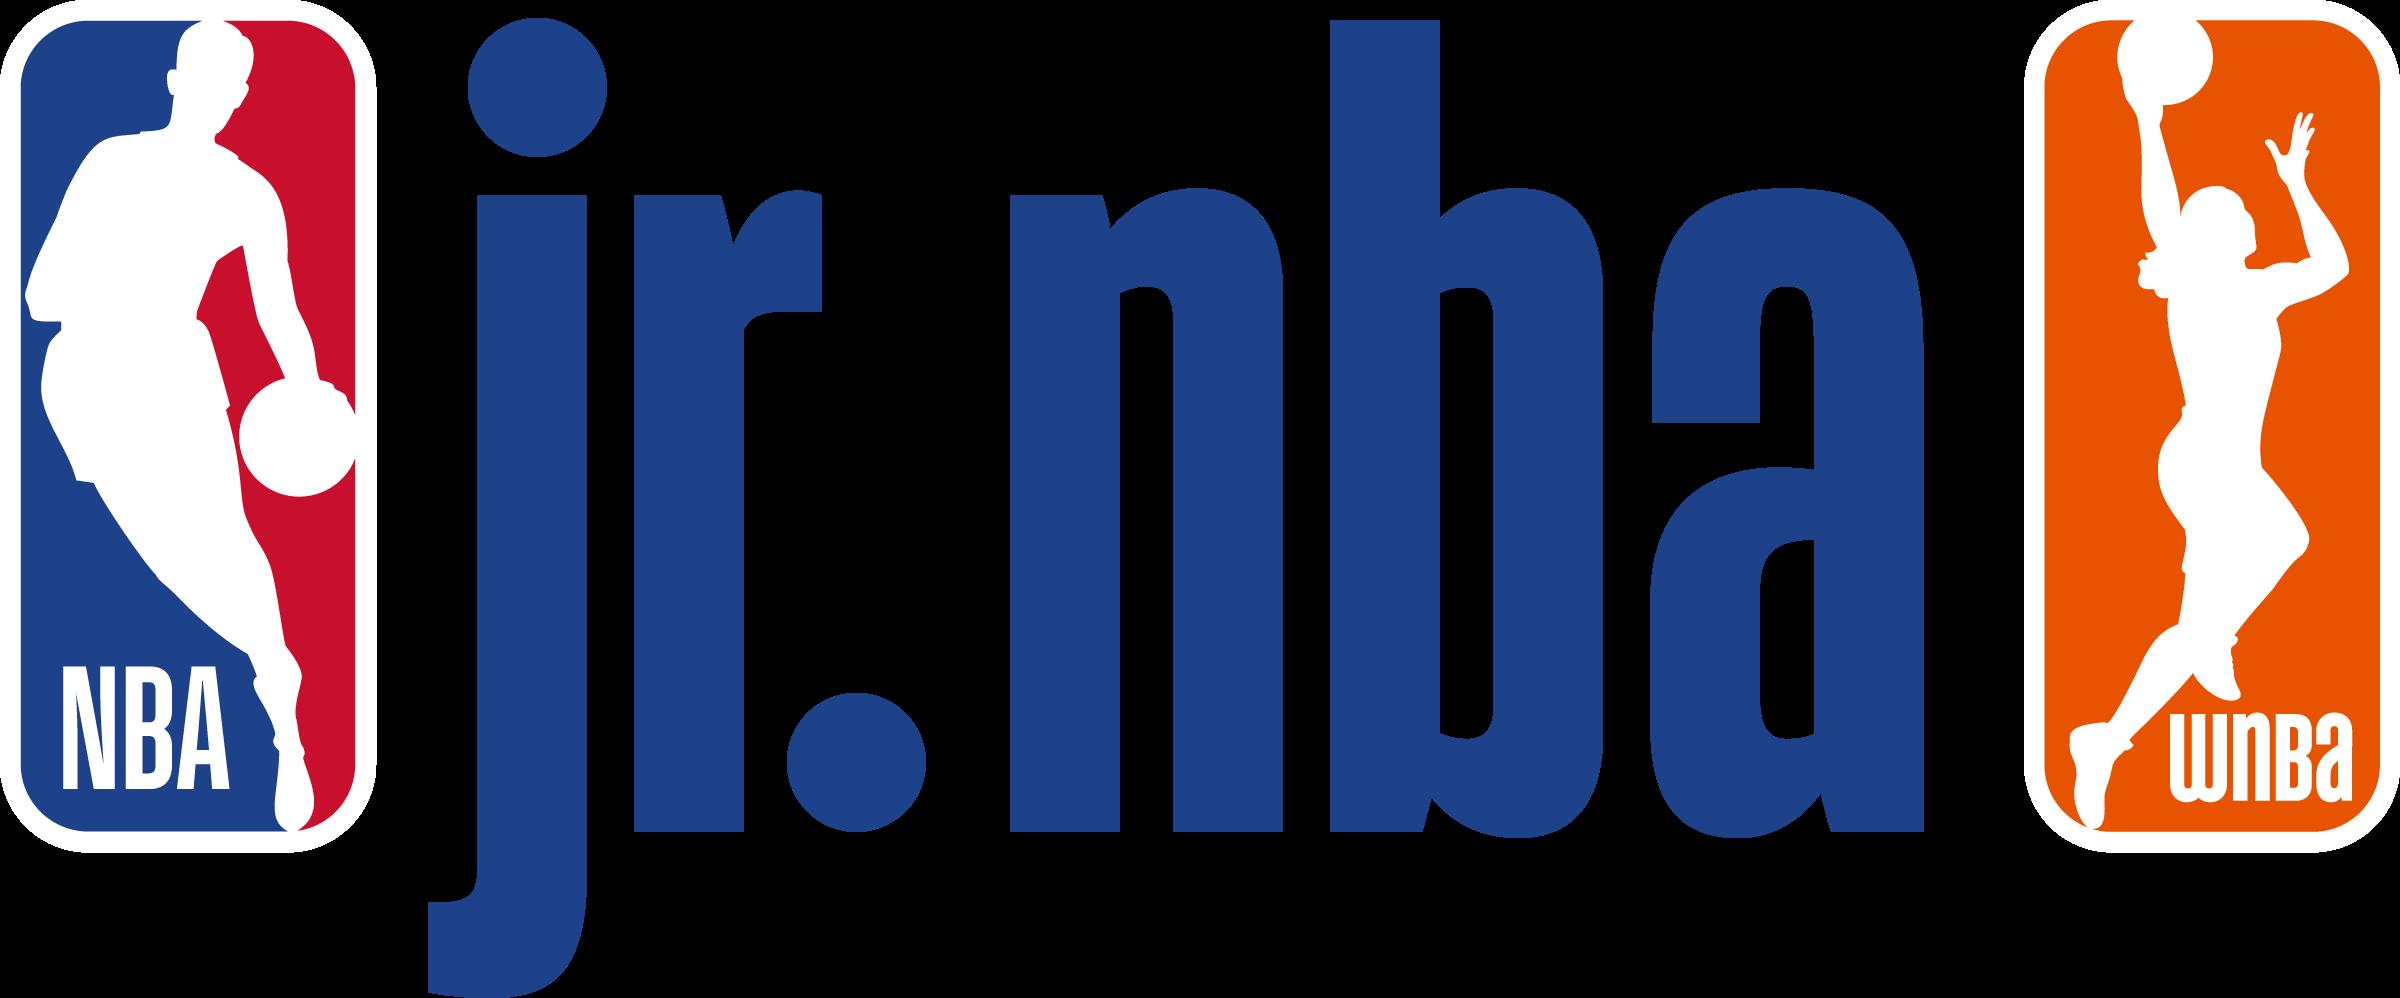 Jr. NBA WNBA logo